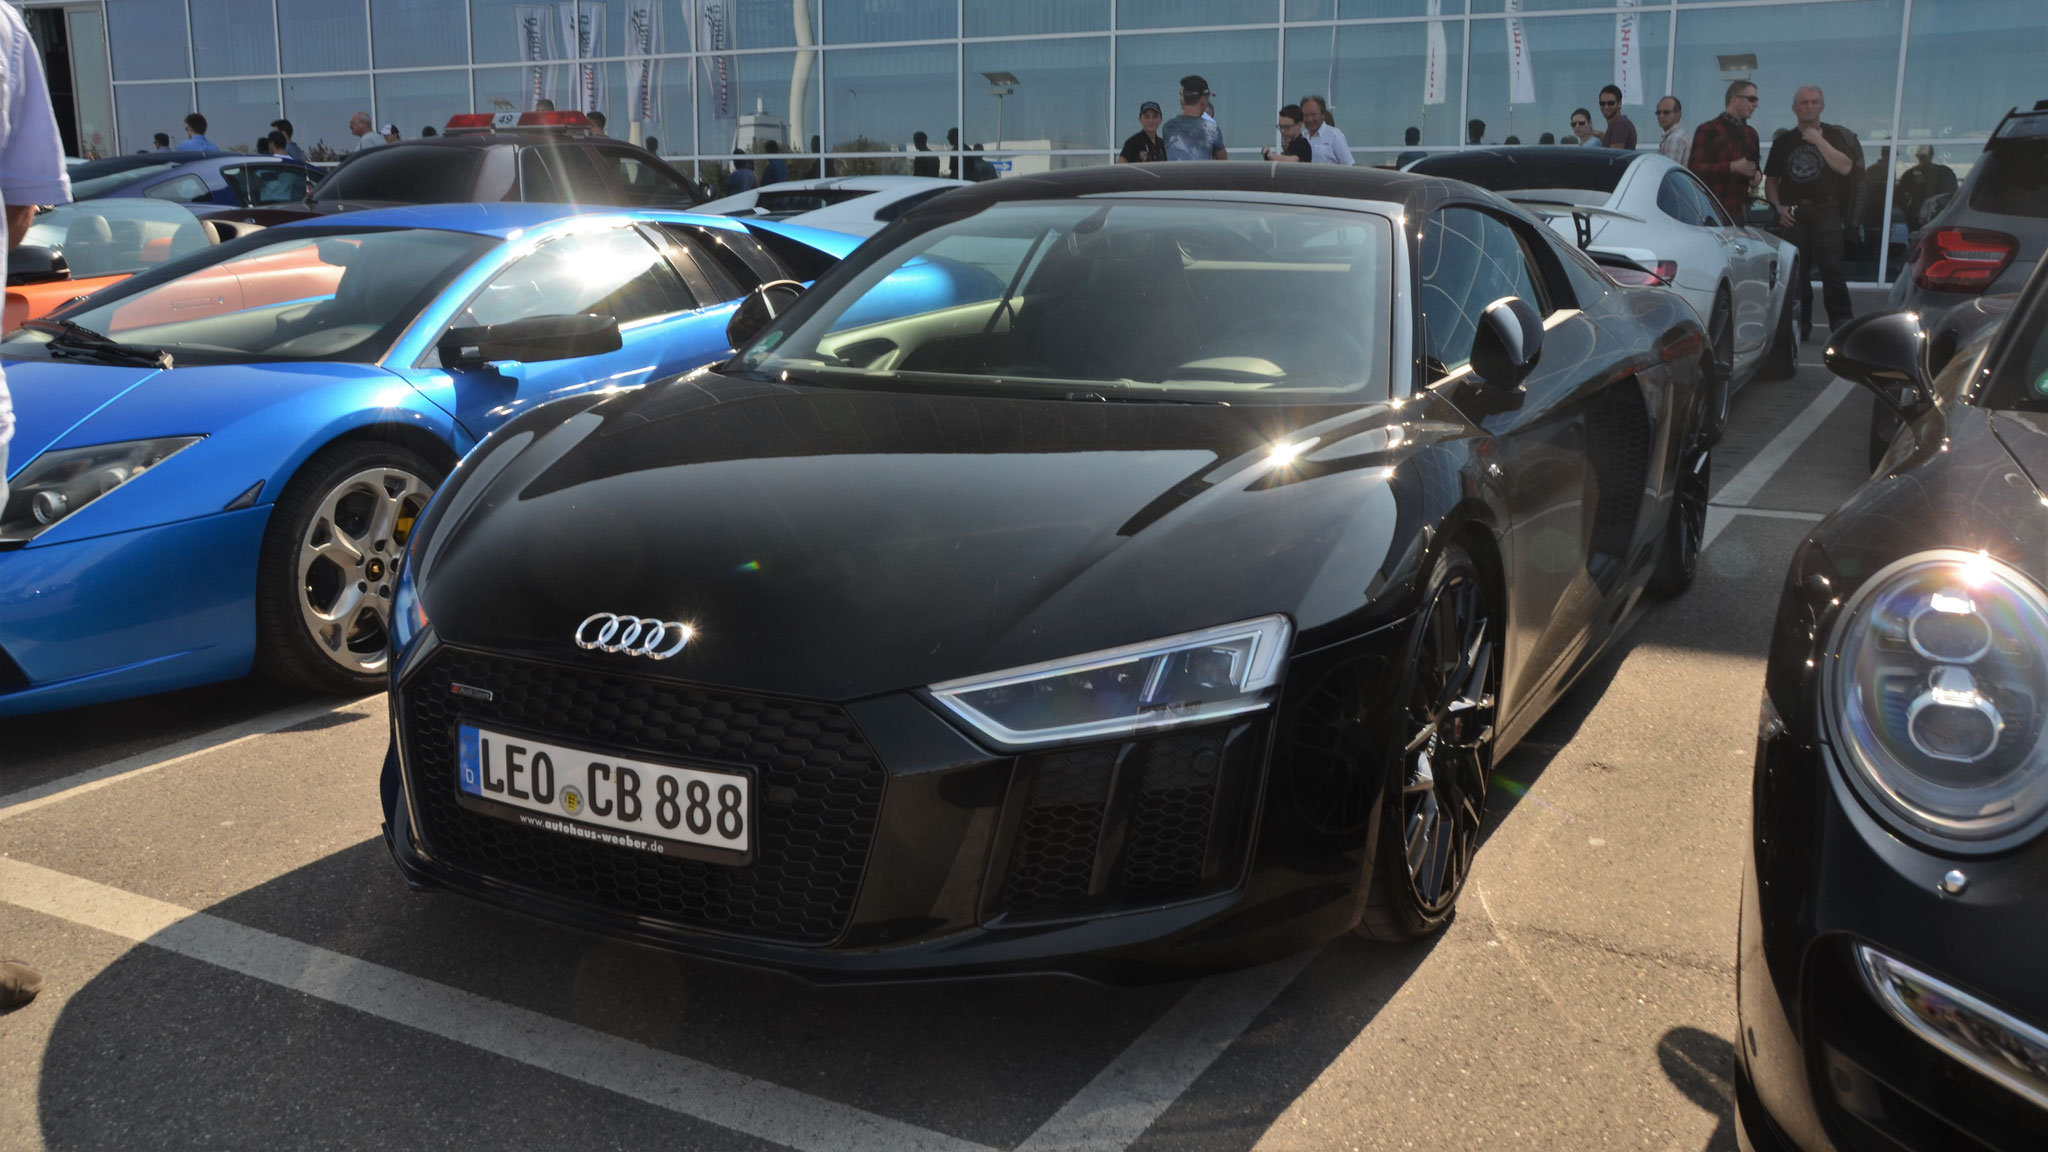 Audi R8 V10 - LEO-CB-888